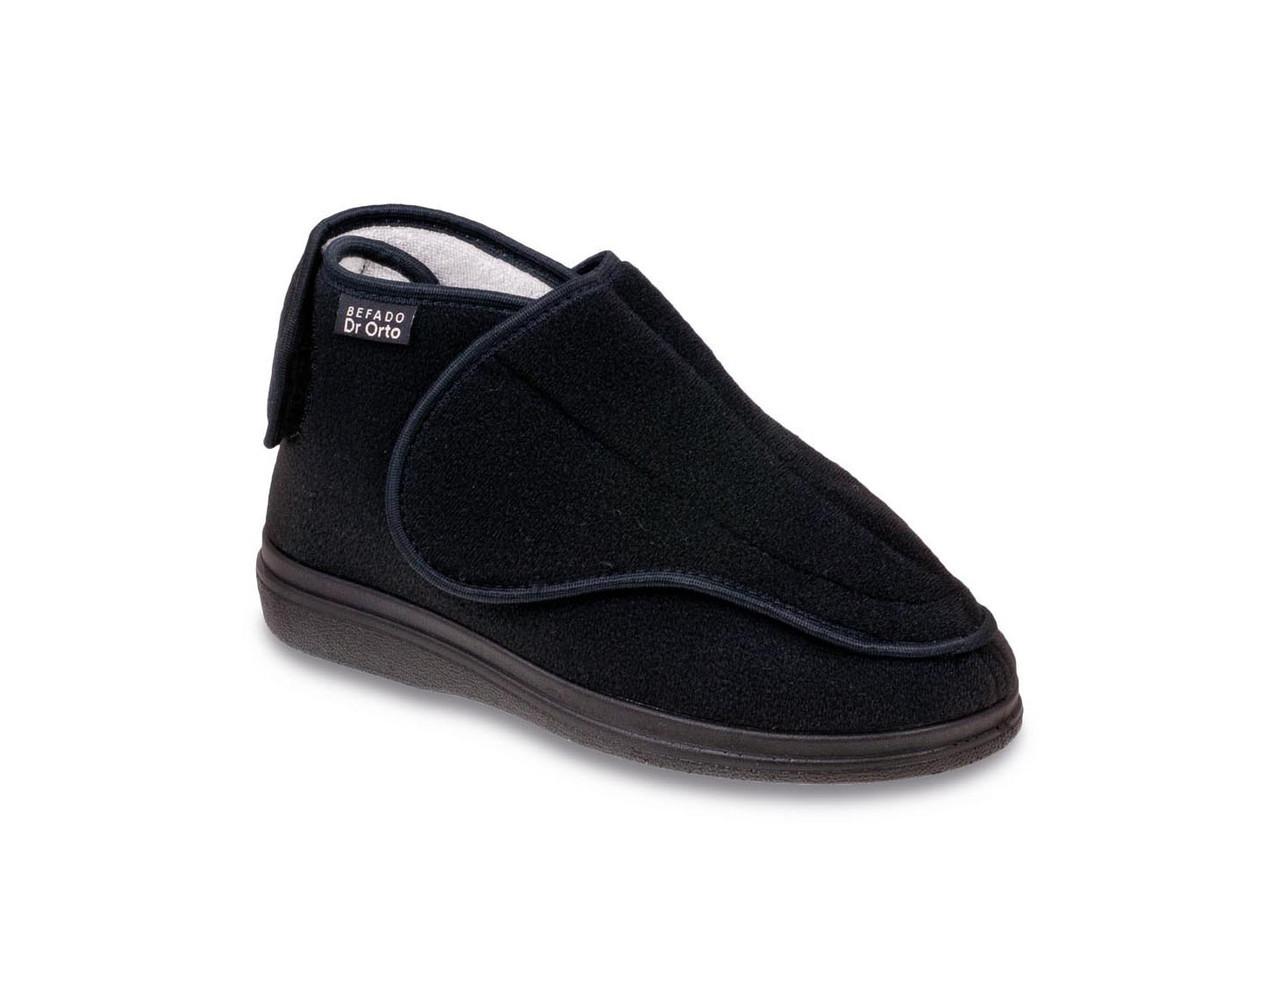 Ботинки диабетические, для проблемных ног женские DrOrto 163 D 002 Ботинки, Липучка, 40, Диабетическая, При синдроме диабетической стопы